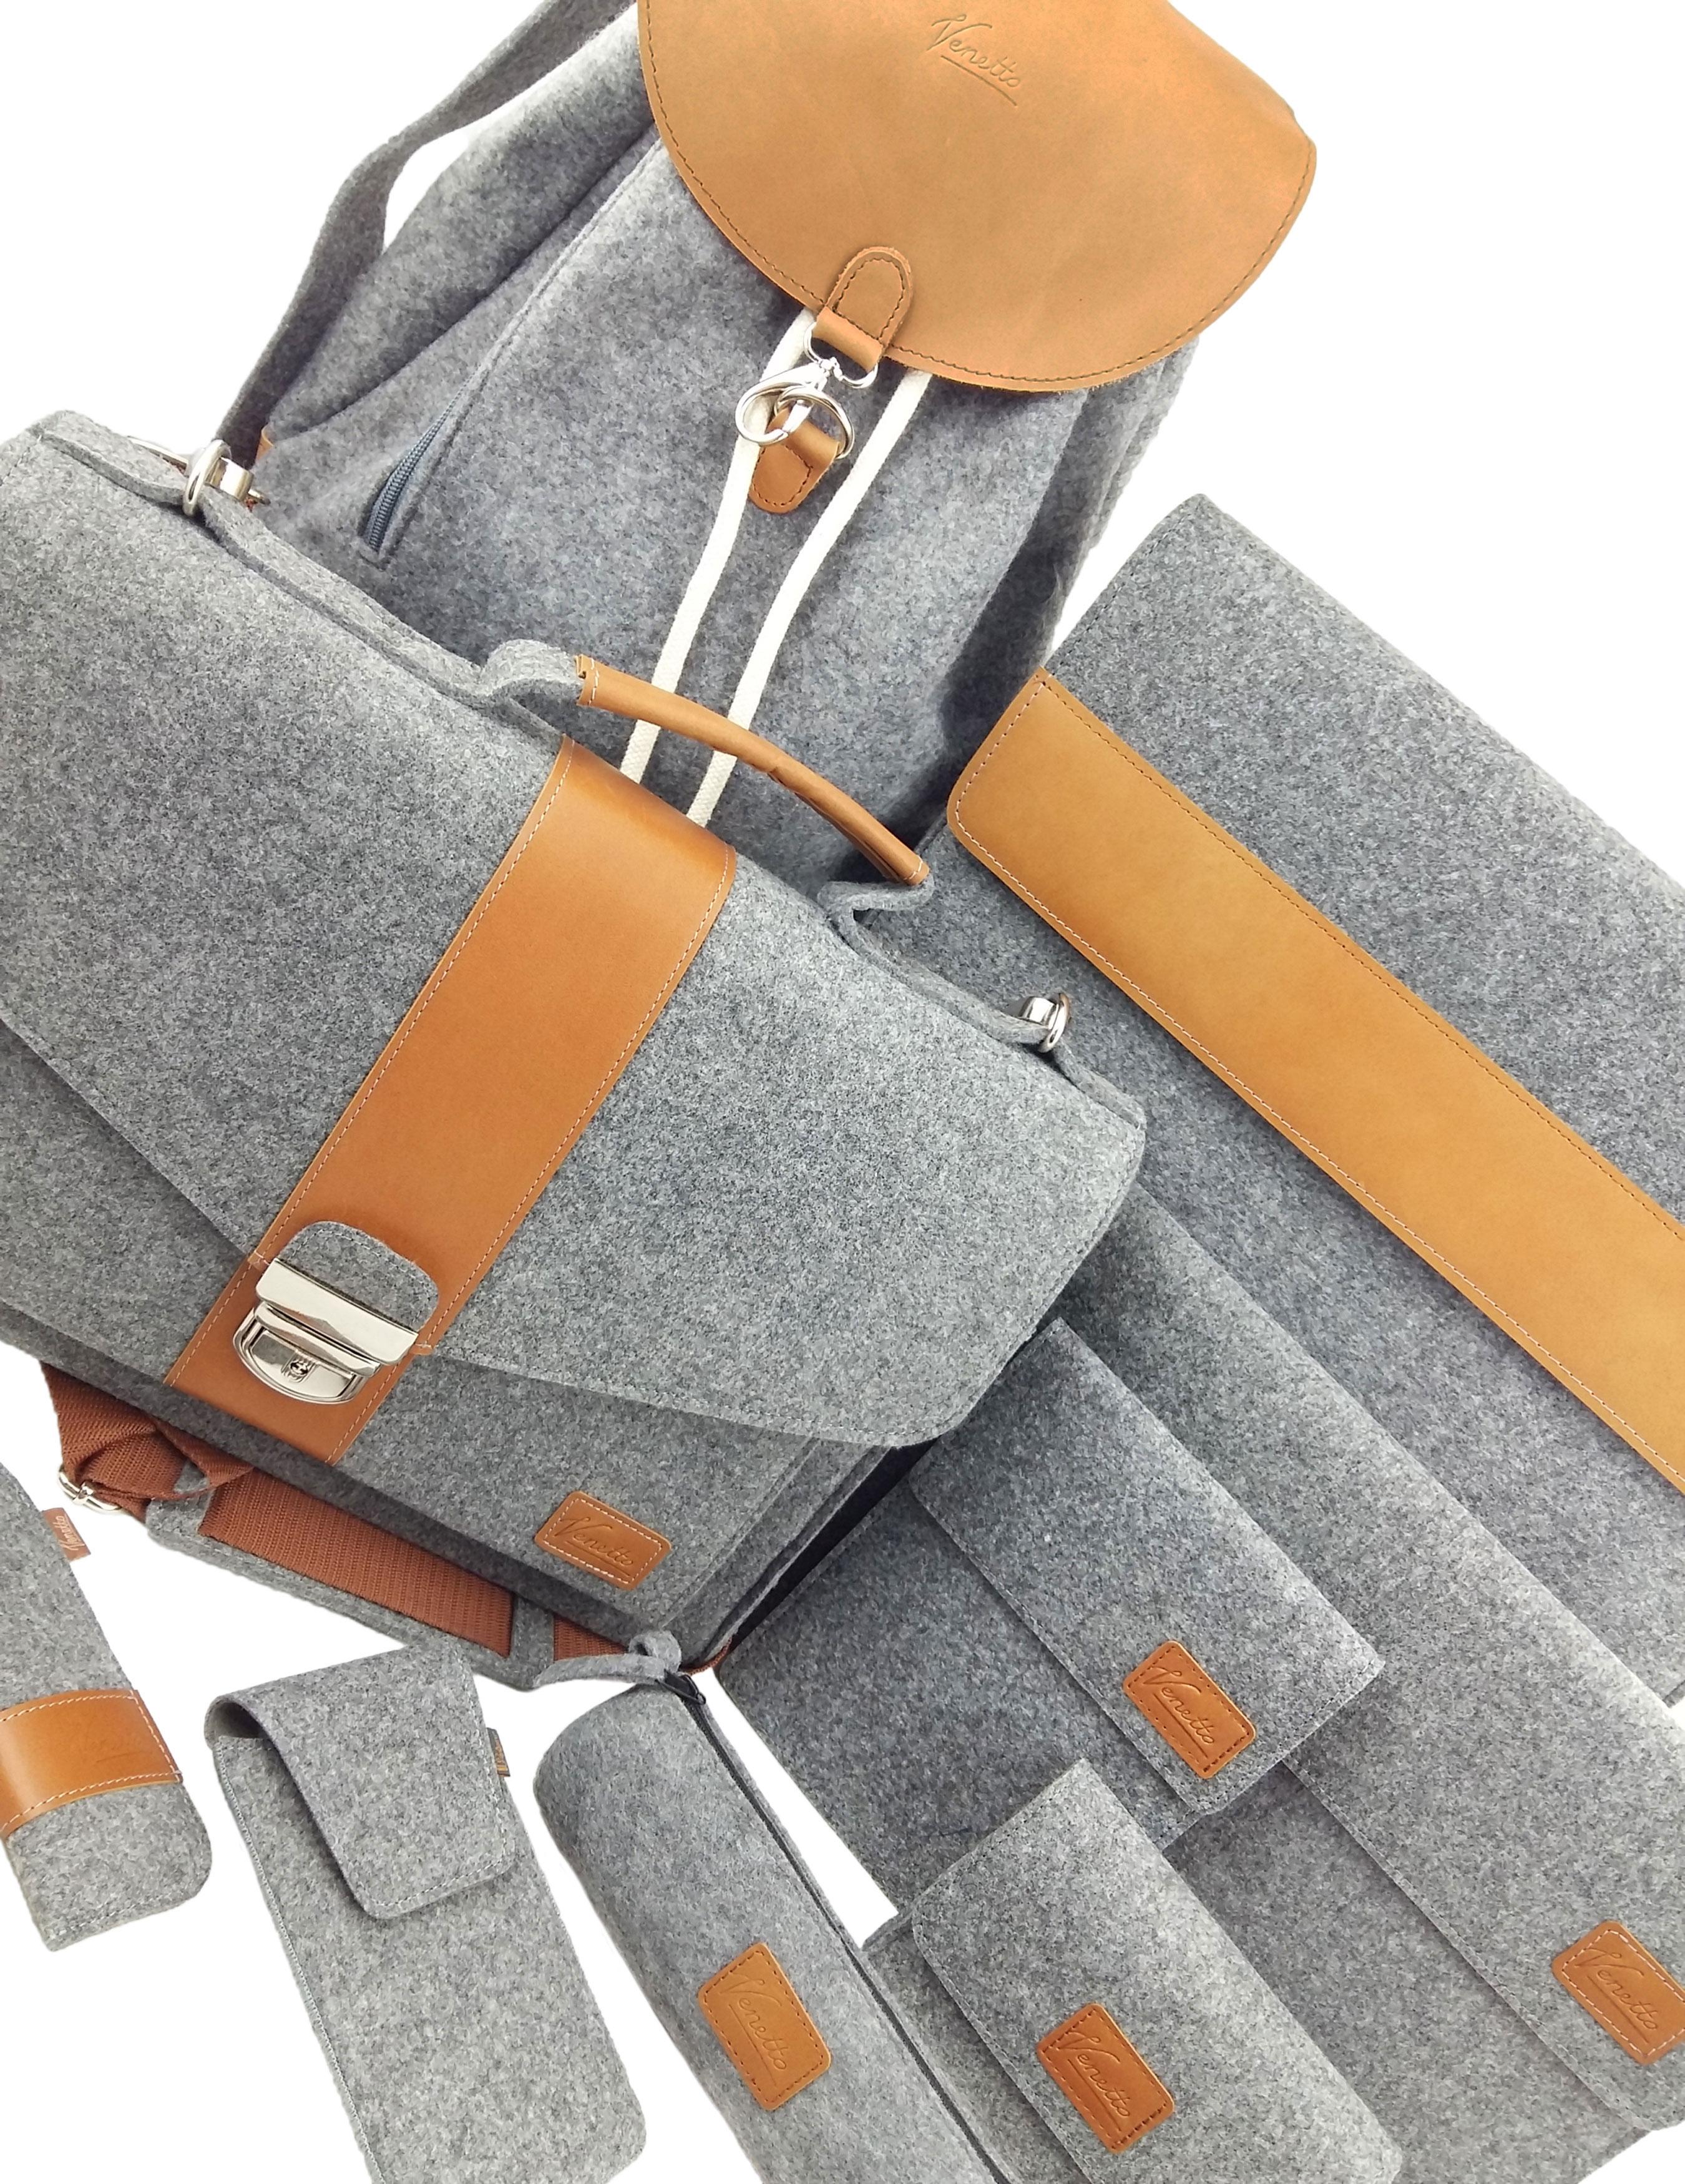 Venetto Taschenhersteller Private Label Eigenmarke